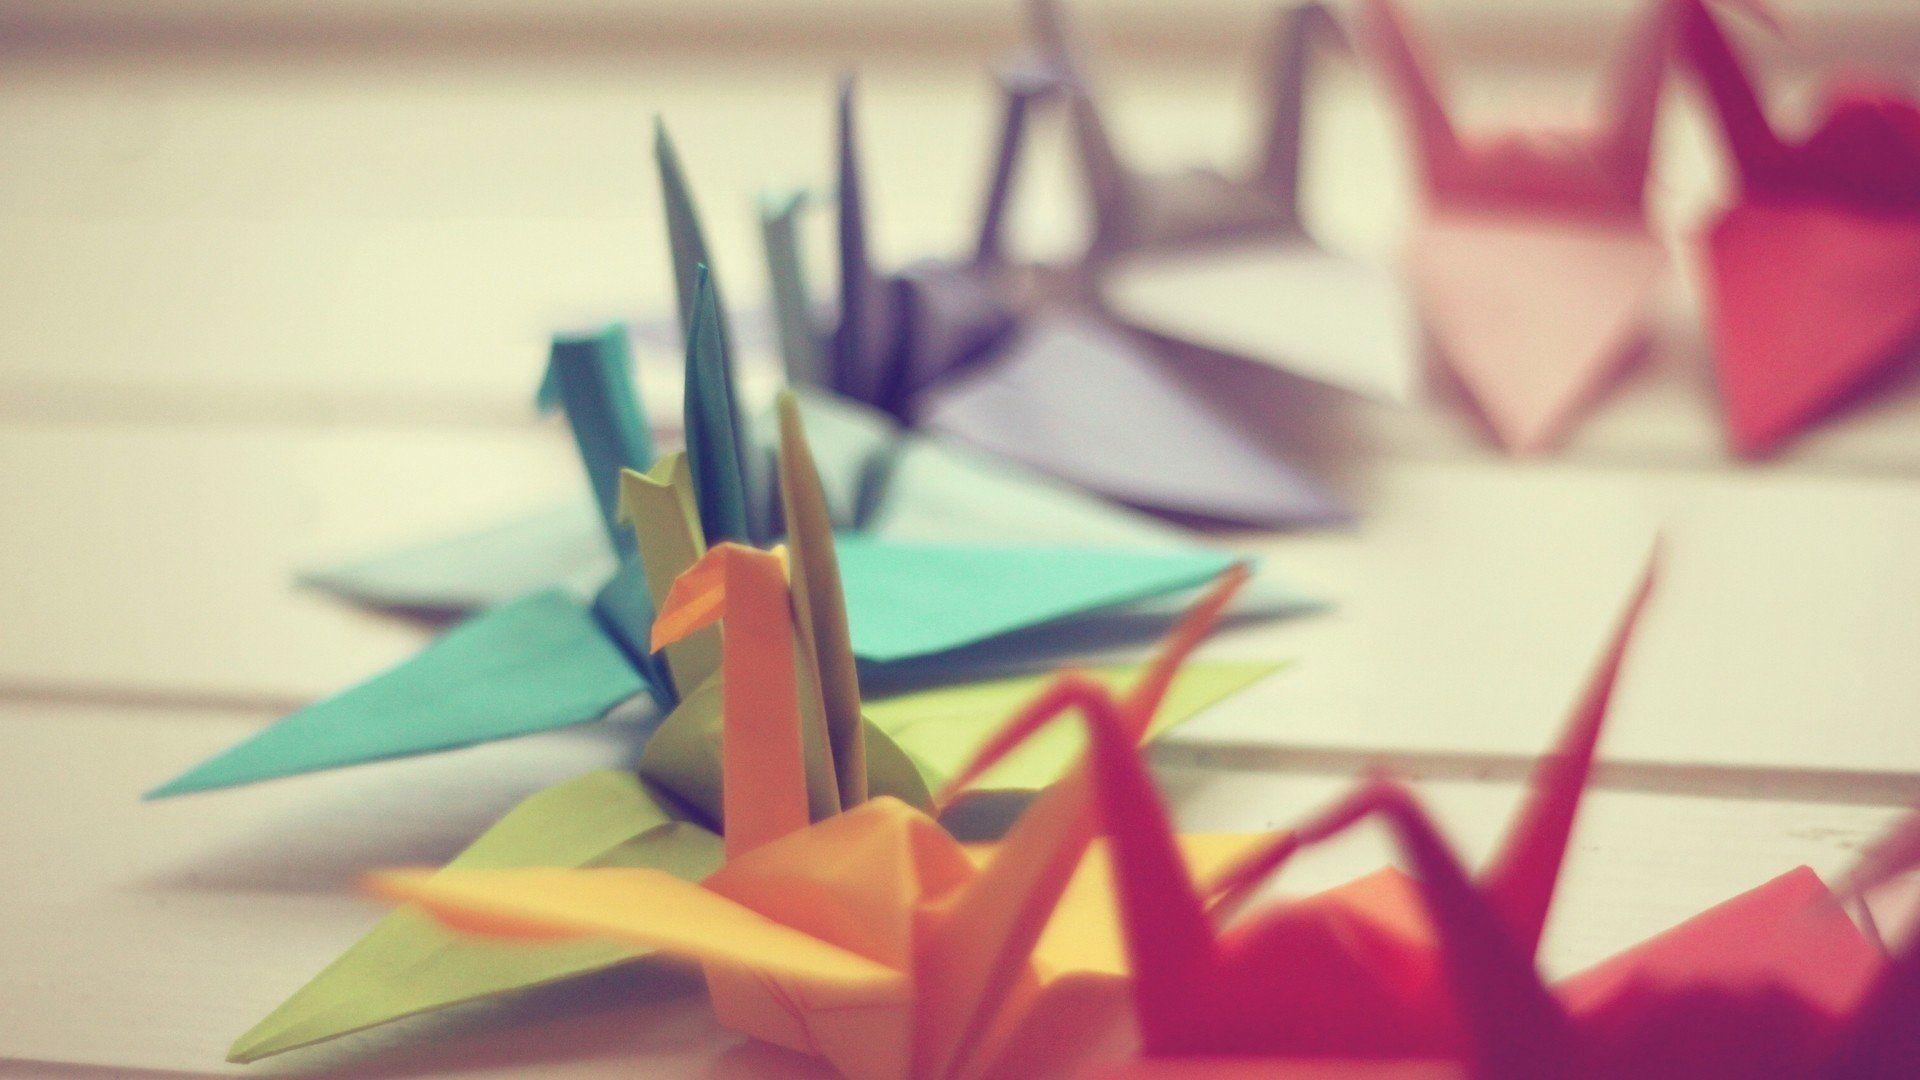 Origami 1080p